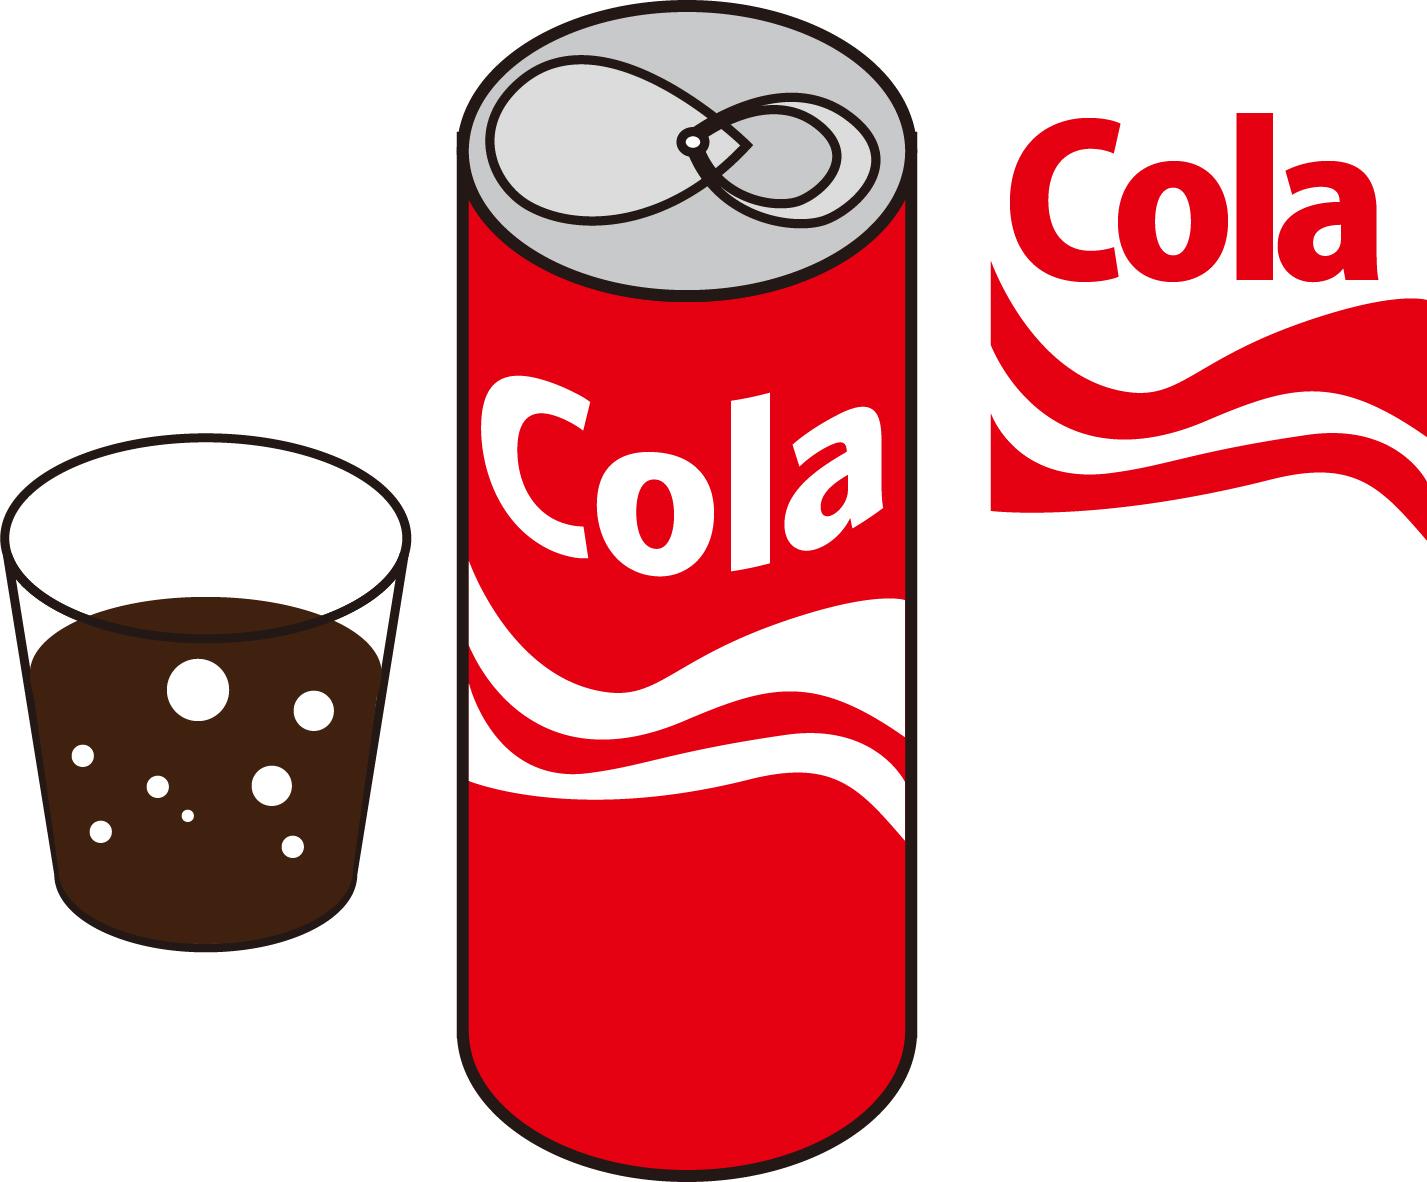 糖質制限でコカコーラゼロ(ダイエット飲料)は飲んでも大丈夫か?